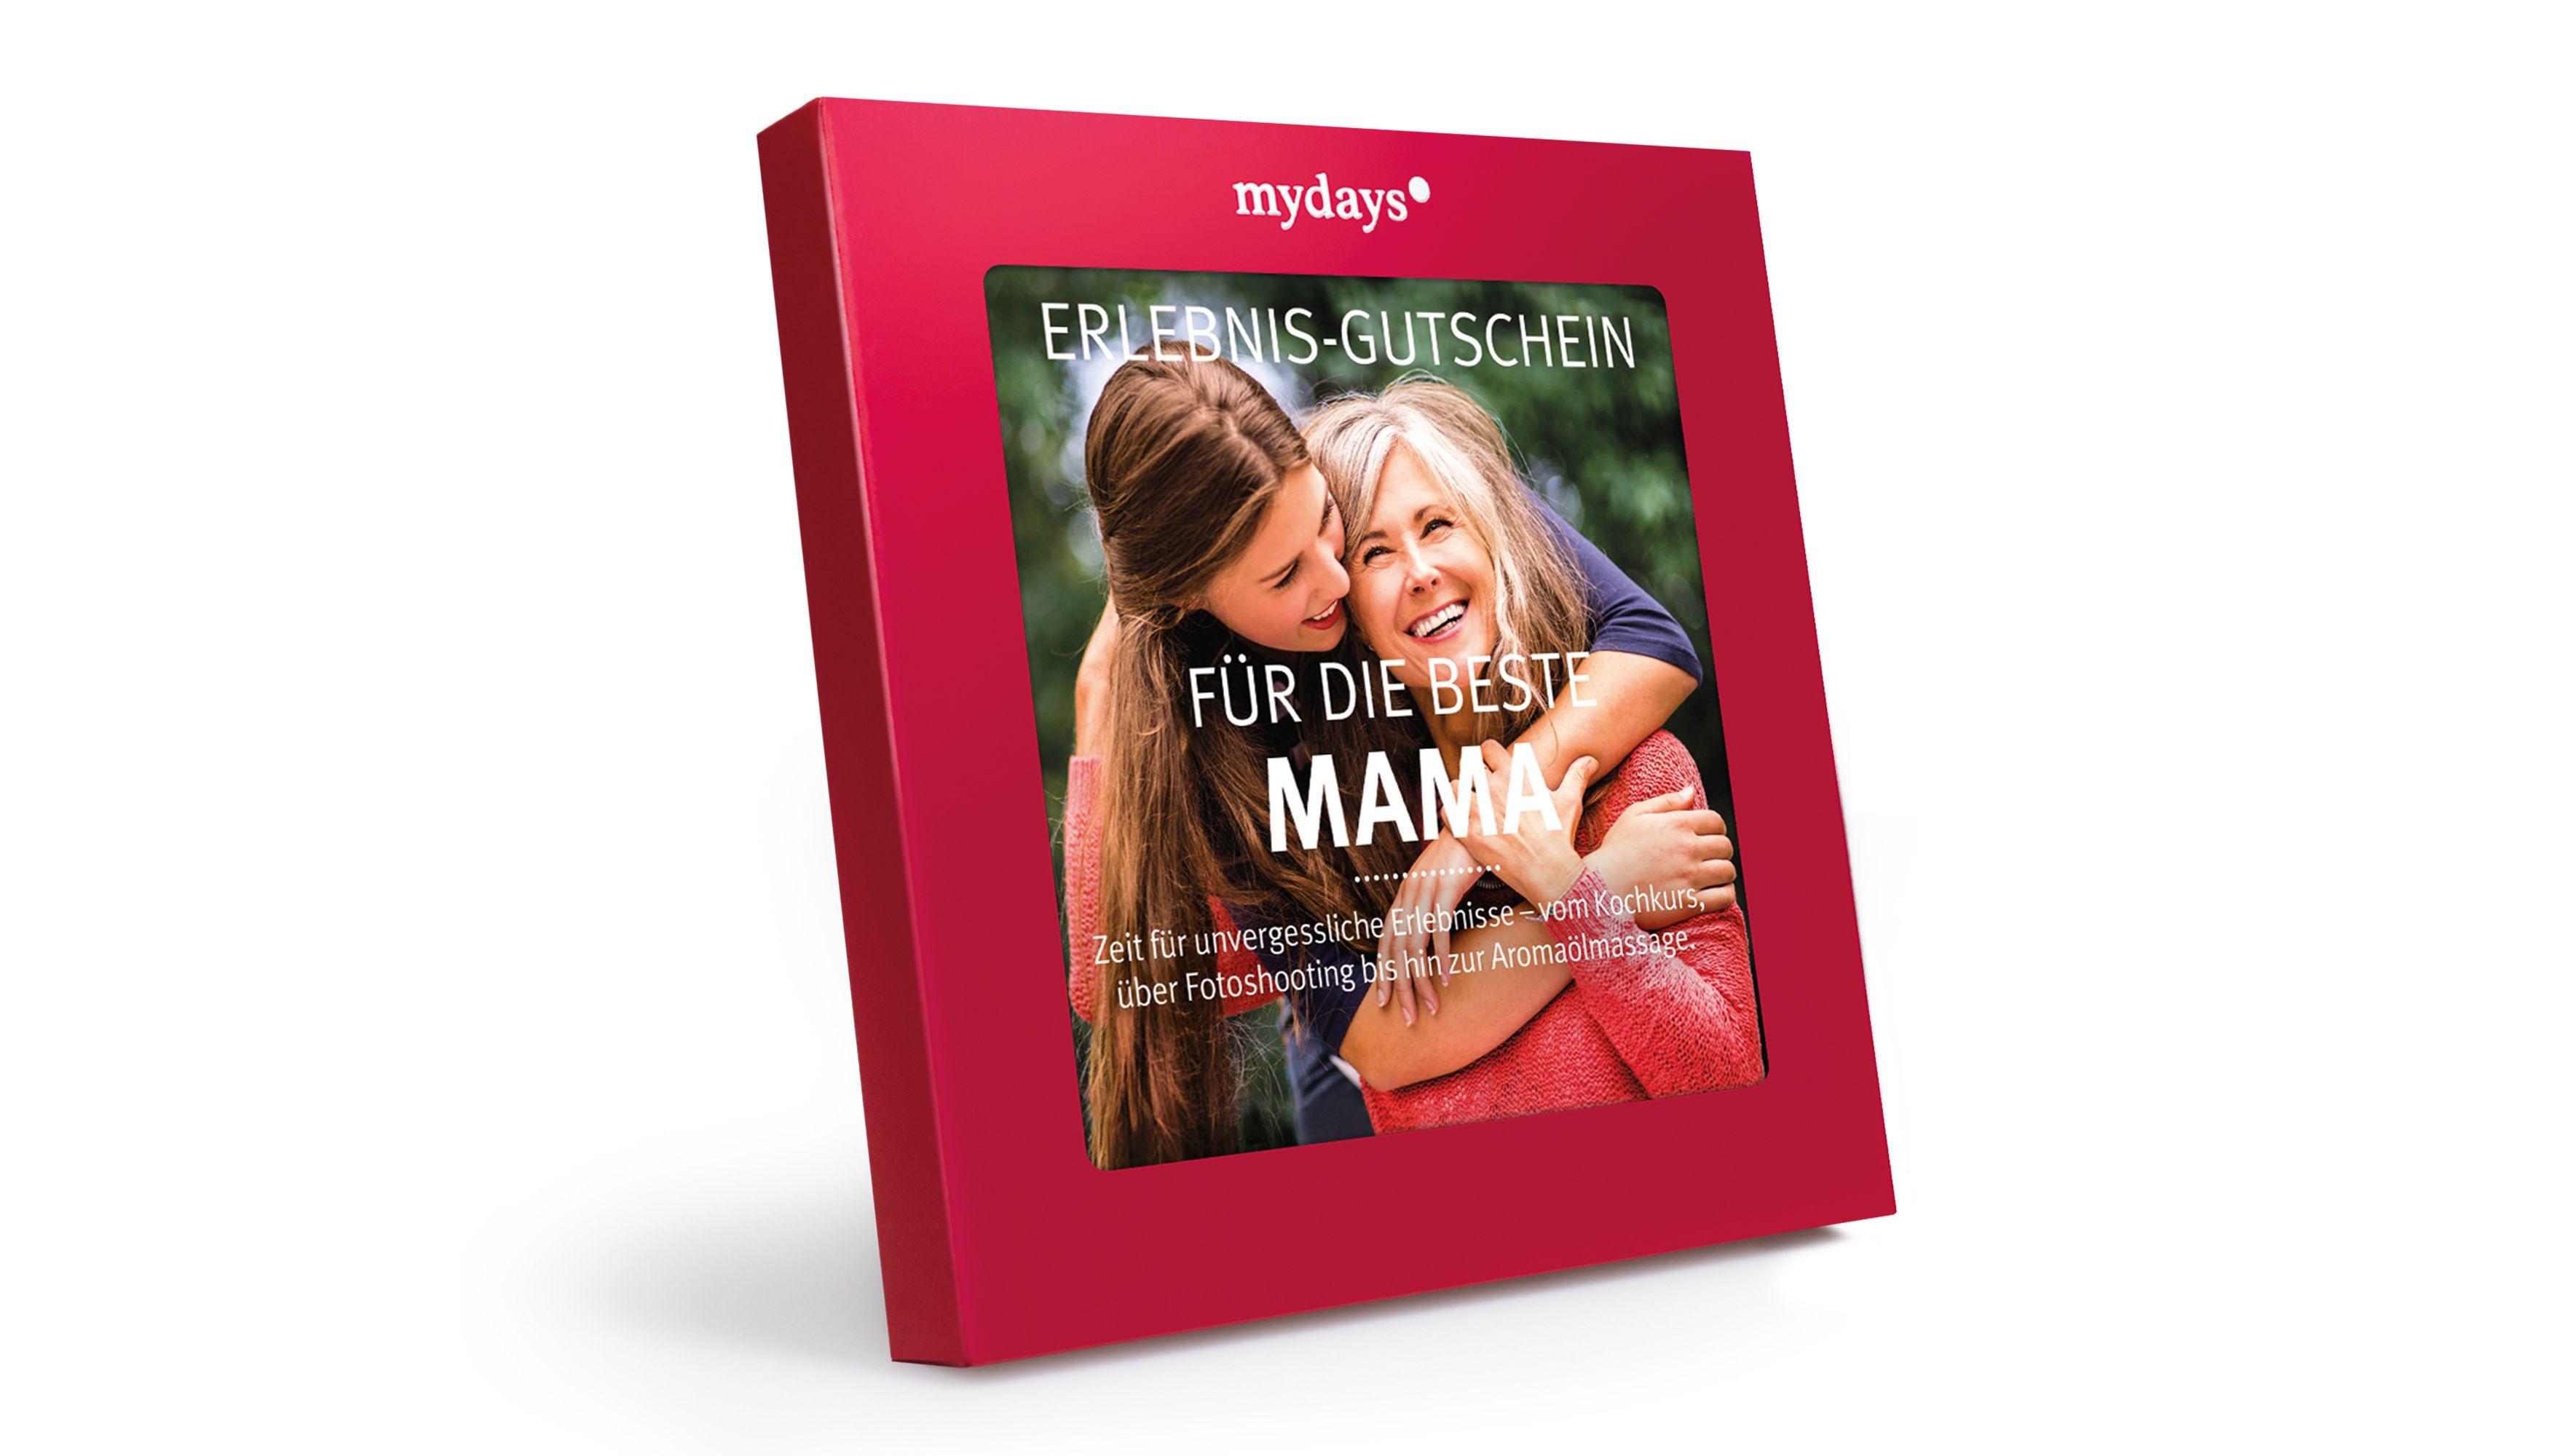 maydays Muttertag Box